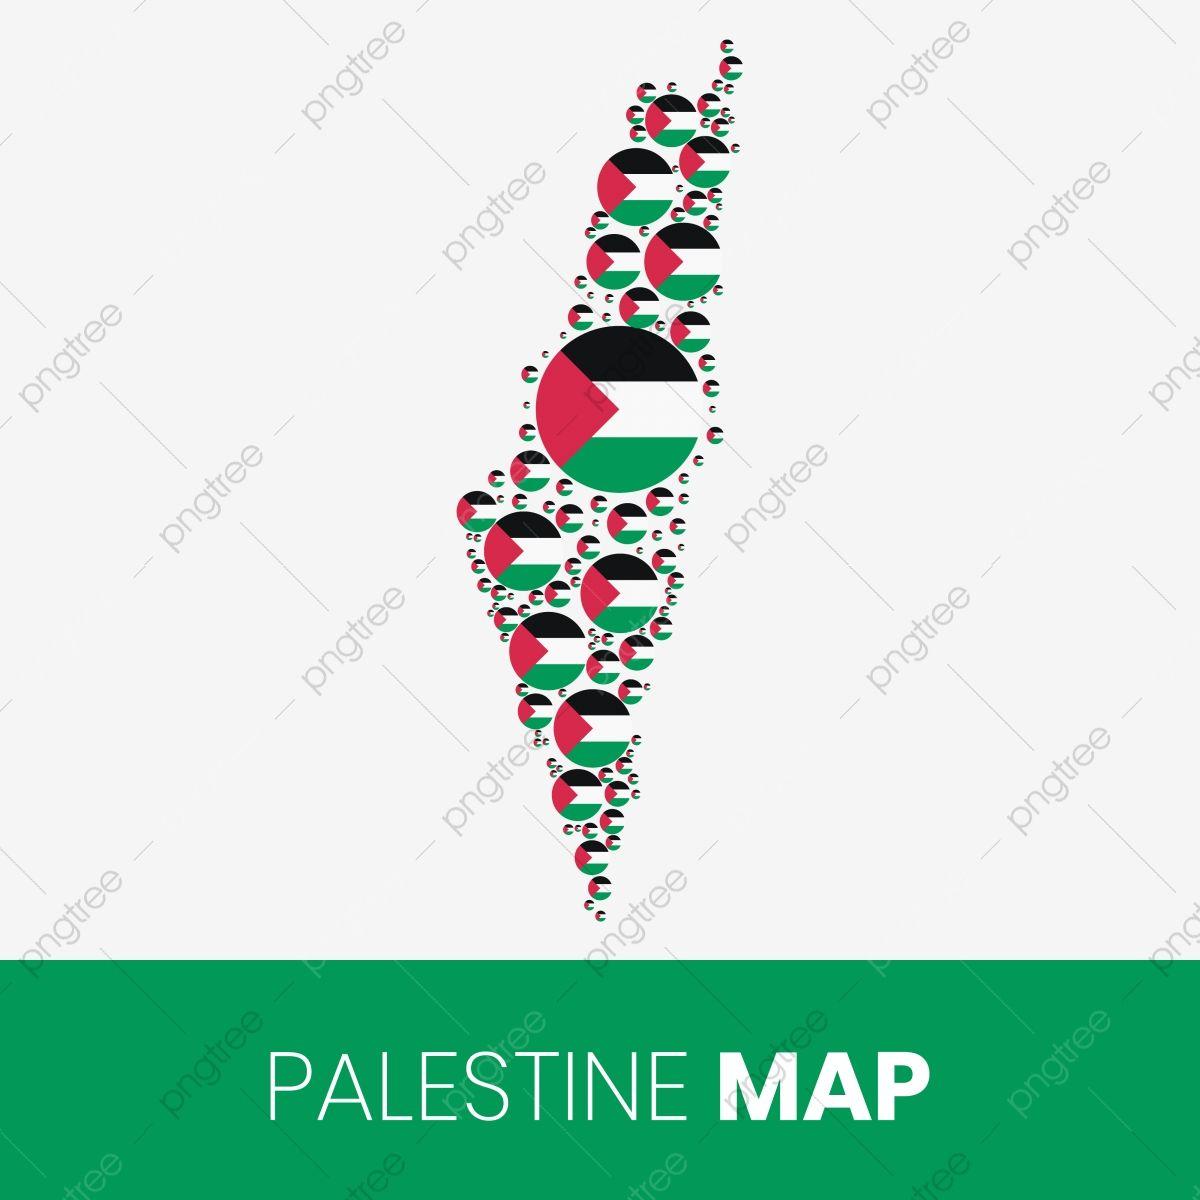 خريطة فلسطين مملوءة بدوائر على شكل العلم خريطة فلسطين مع العلم Palestine Map Map Shapes